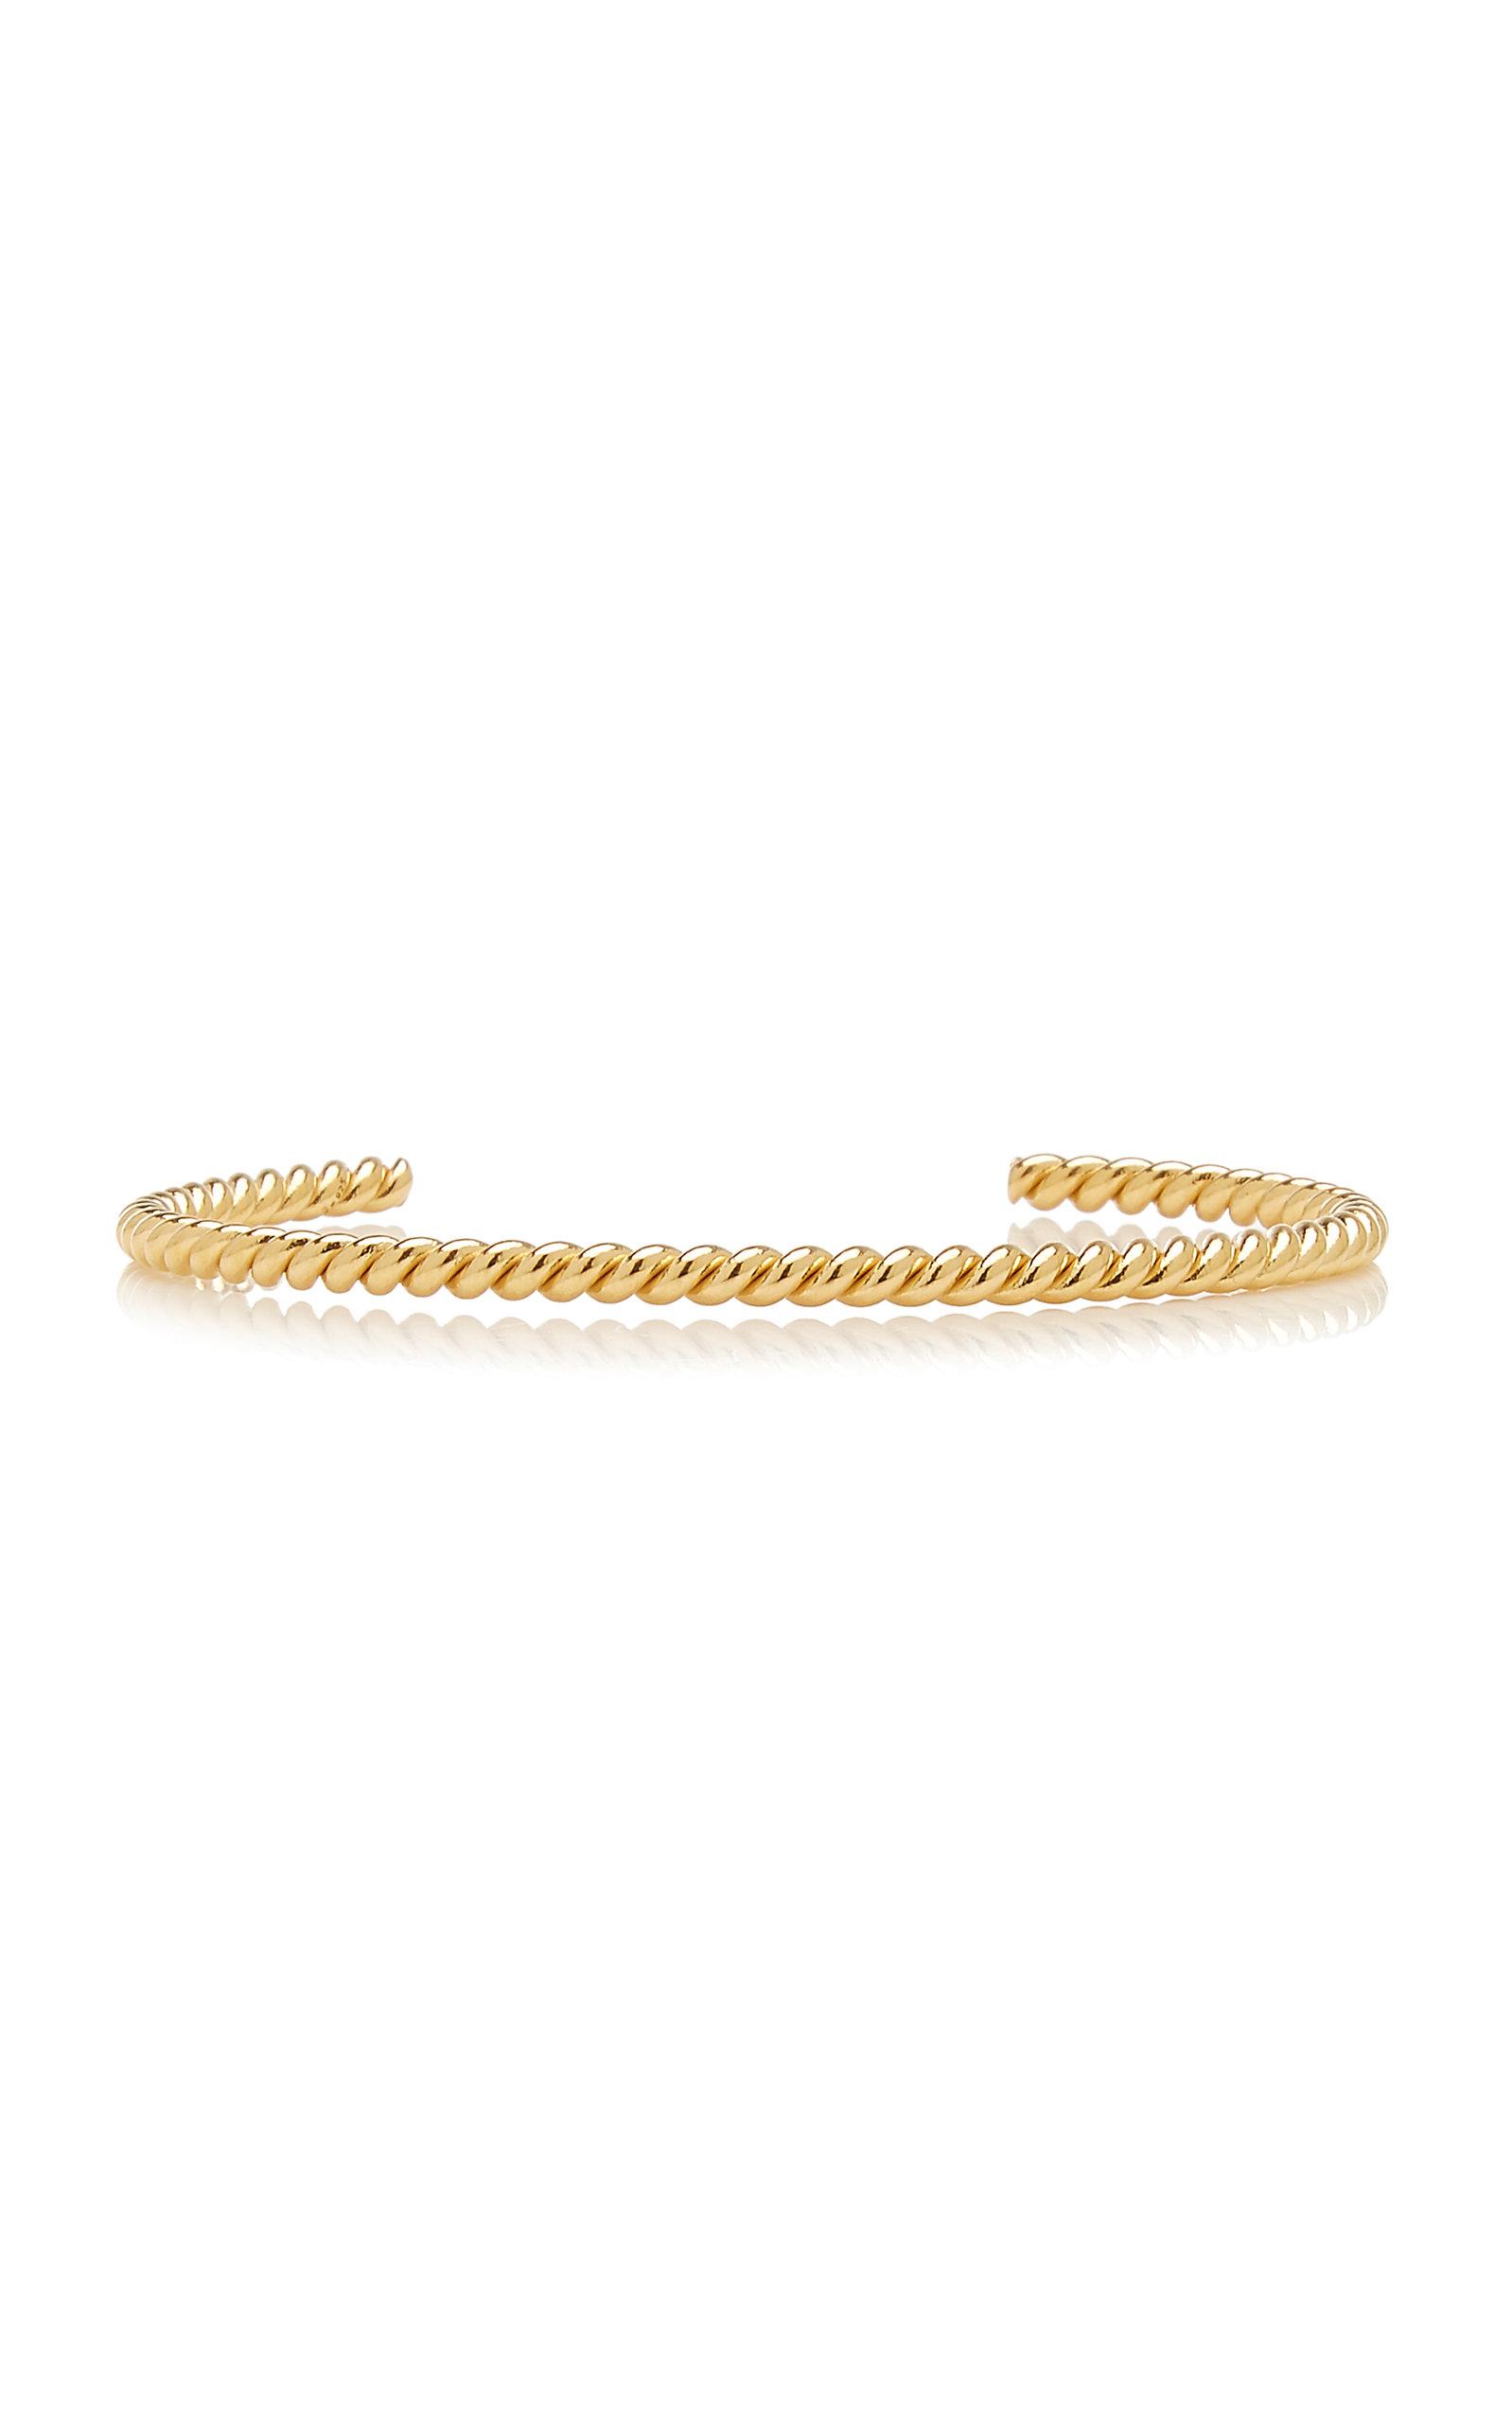 Isabel Lennse - Women's Twisted Gold-Plated Cuff - Gold - Moda Operandi